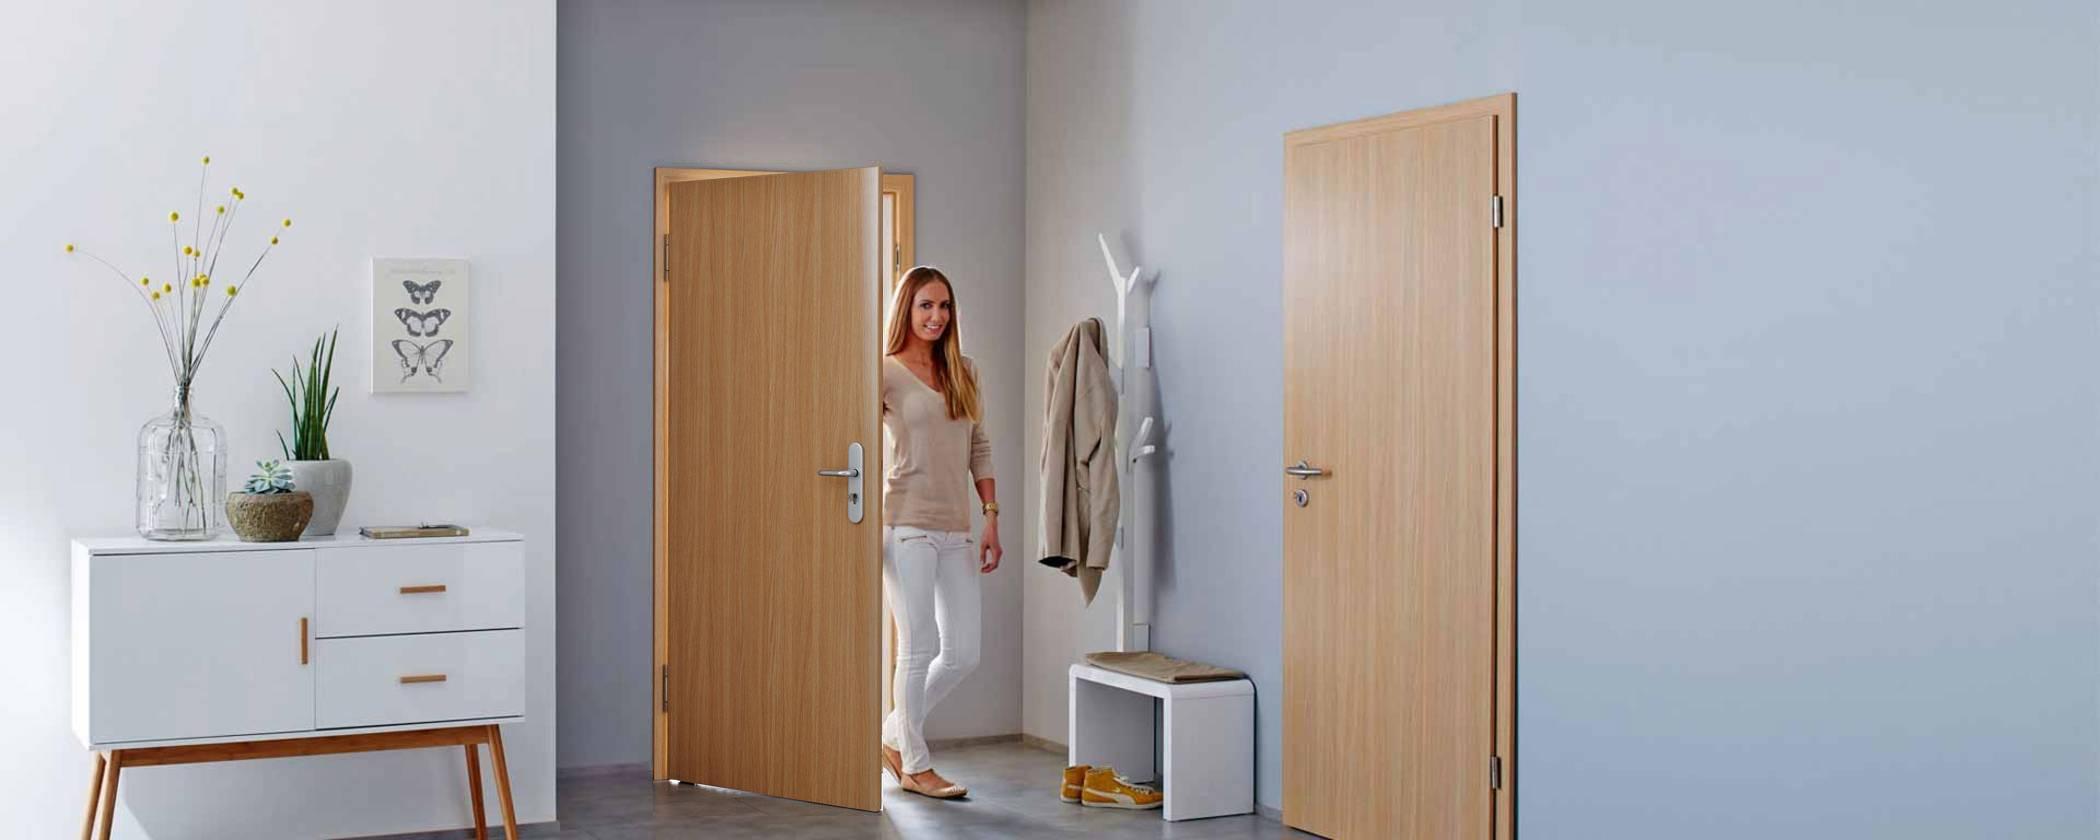 Хёрманн руссия - классные двери - отзывы клиентов